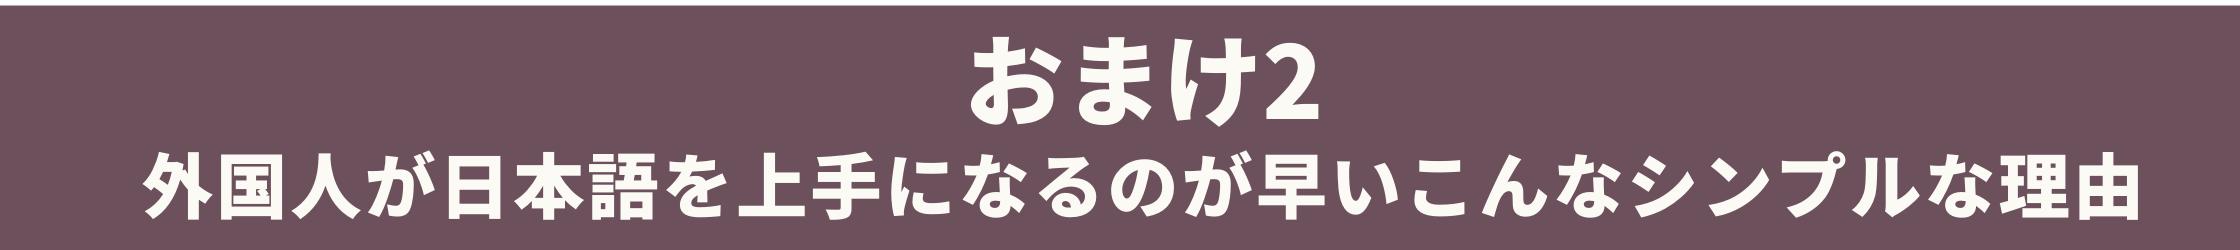 おまけ2 - 外国人が日本語を上手になるのが早いこんなシンプルな理由